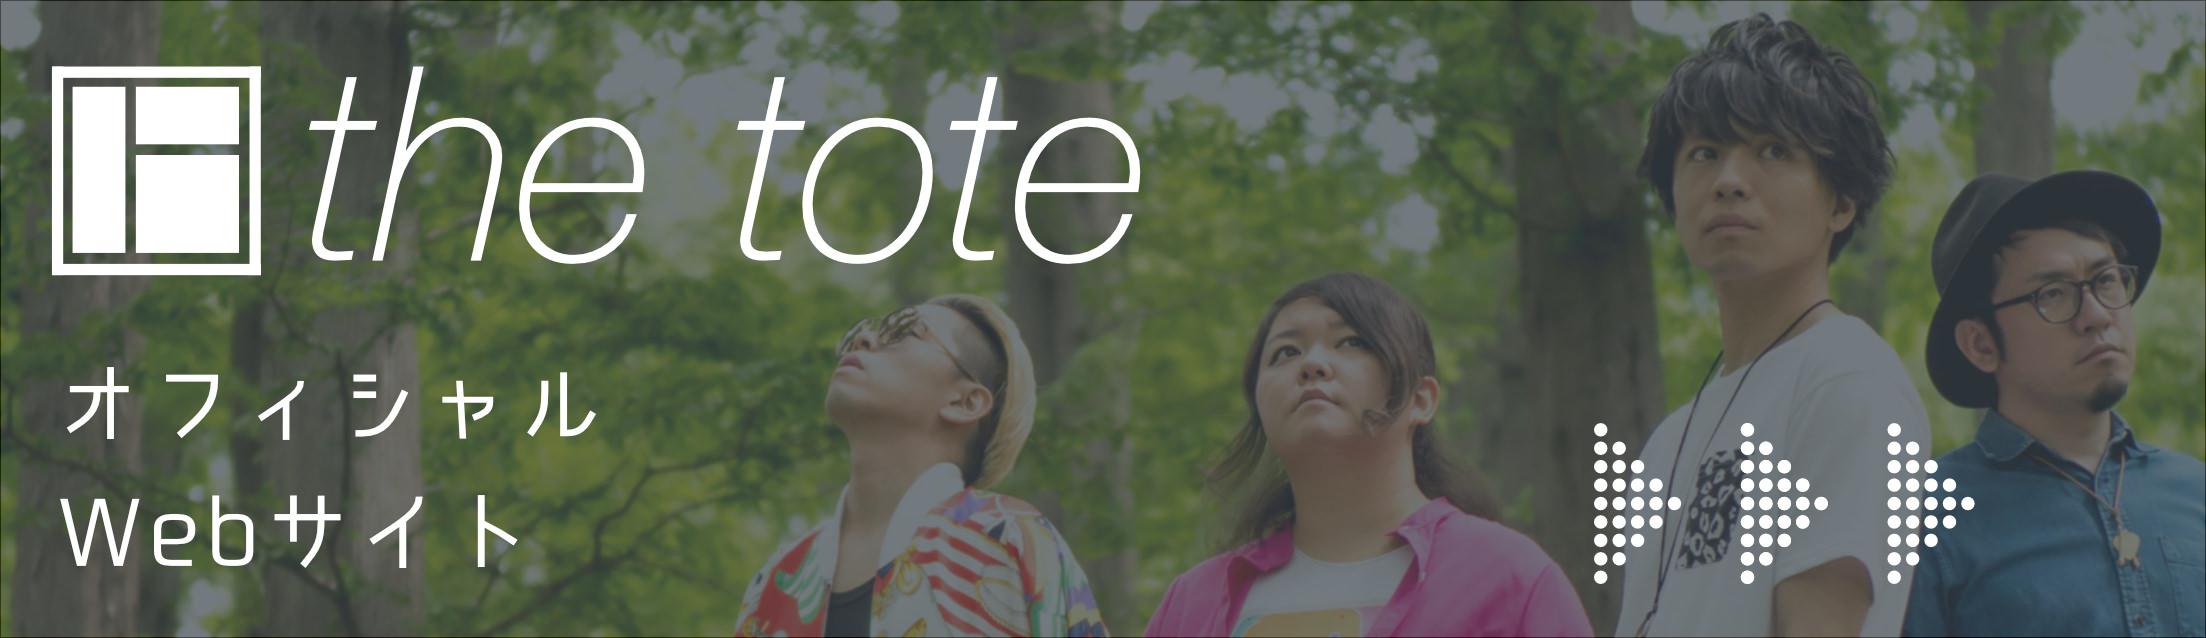 thetote オフィシャルWebサイト